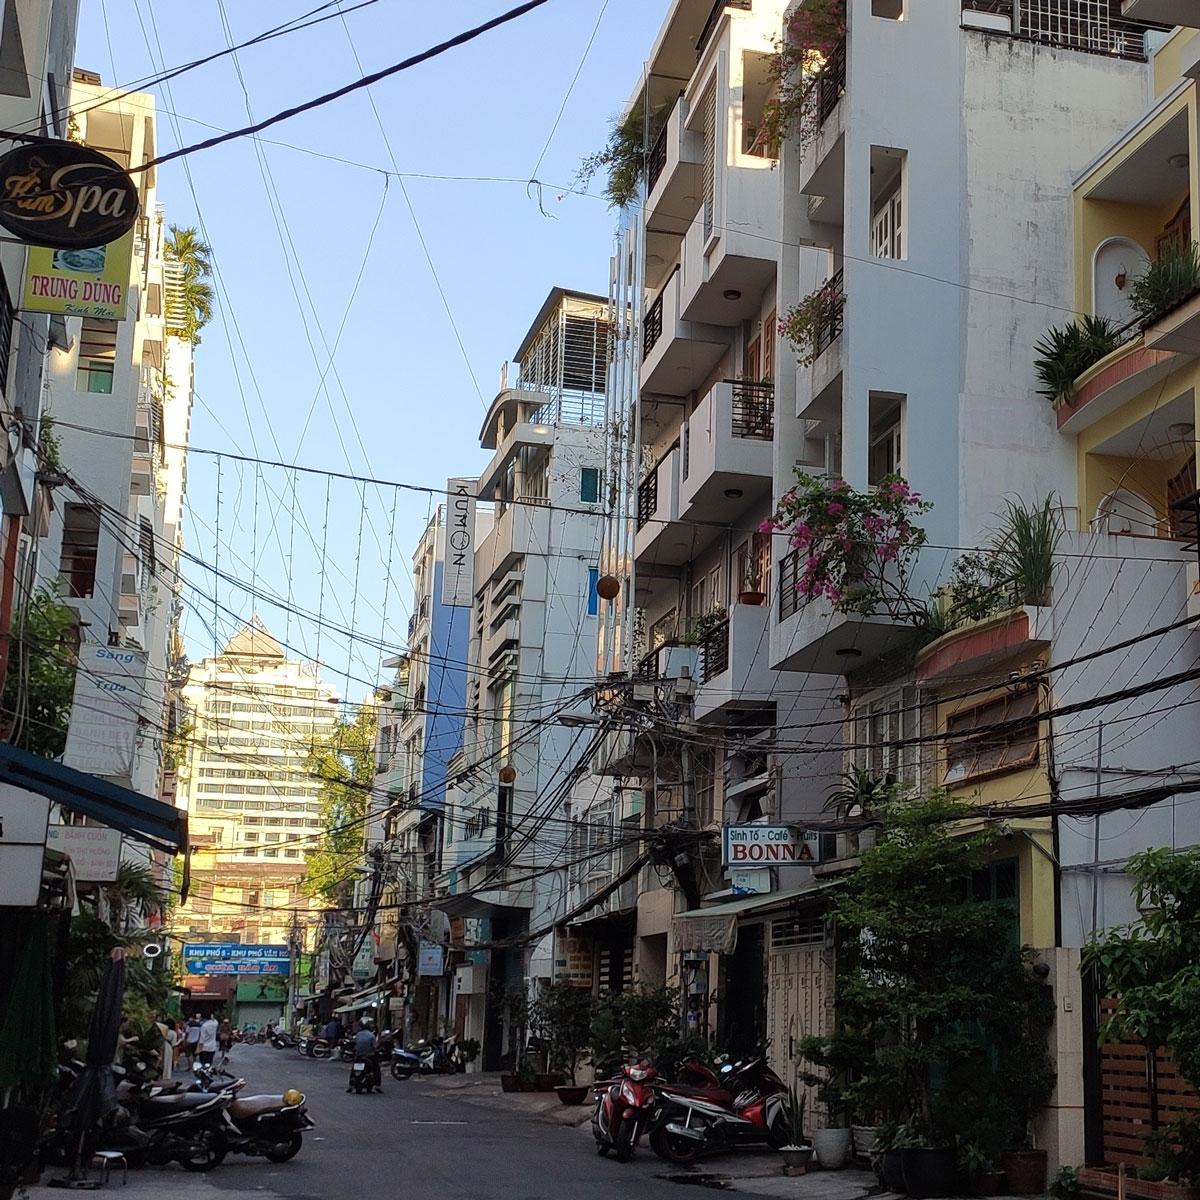 ベトナムではトランプの扱いが日本と違った話